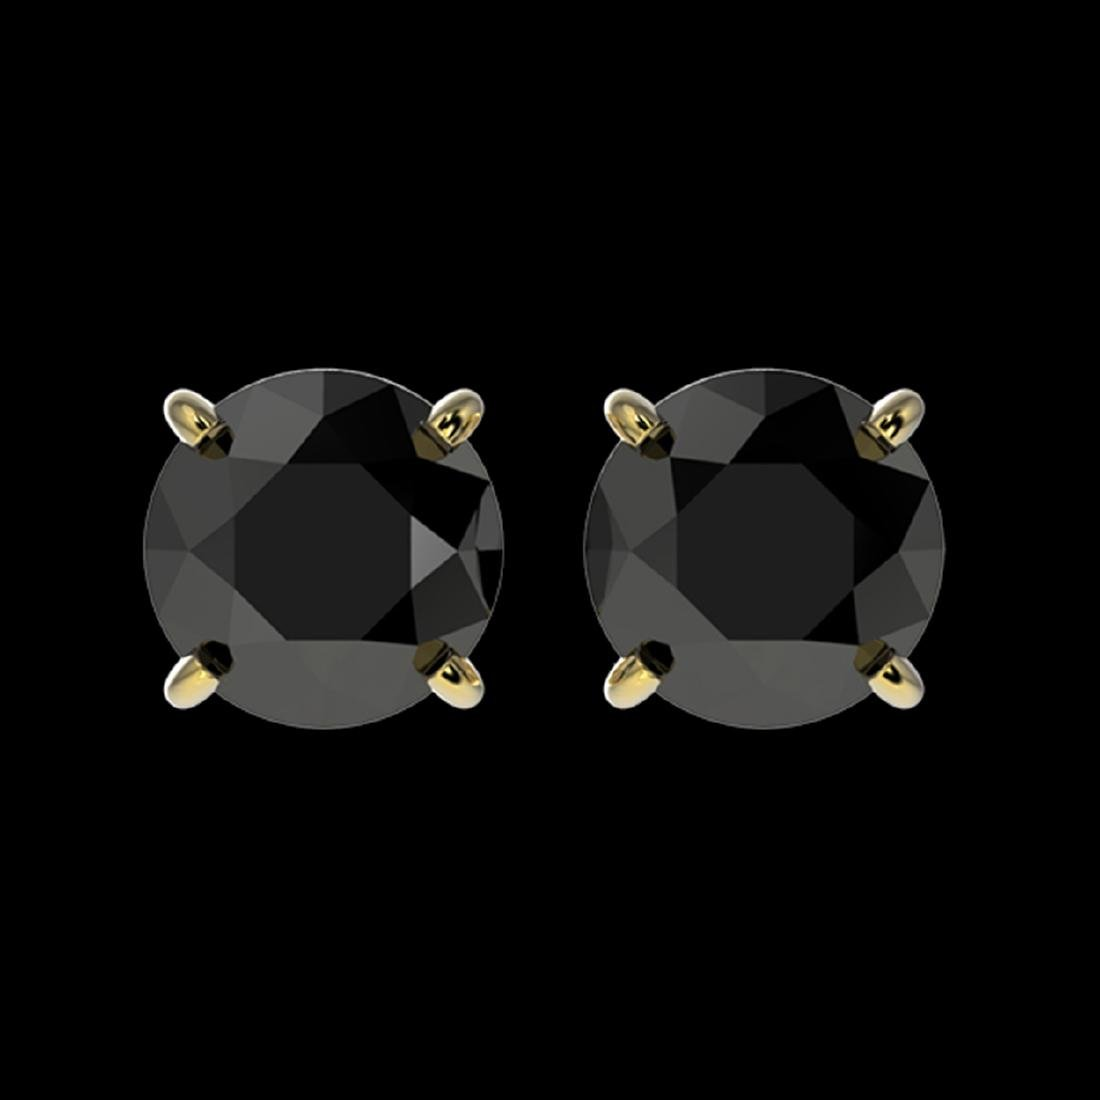 1.61 ctw Fancy Black Diamond Solitaire Stud Earrings